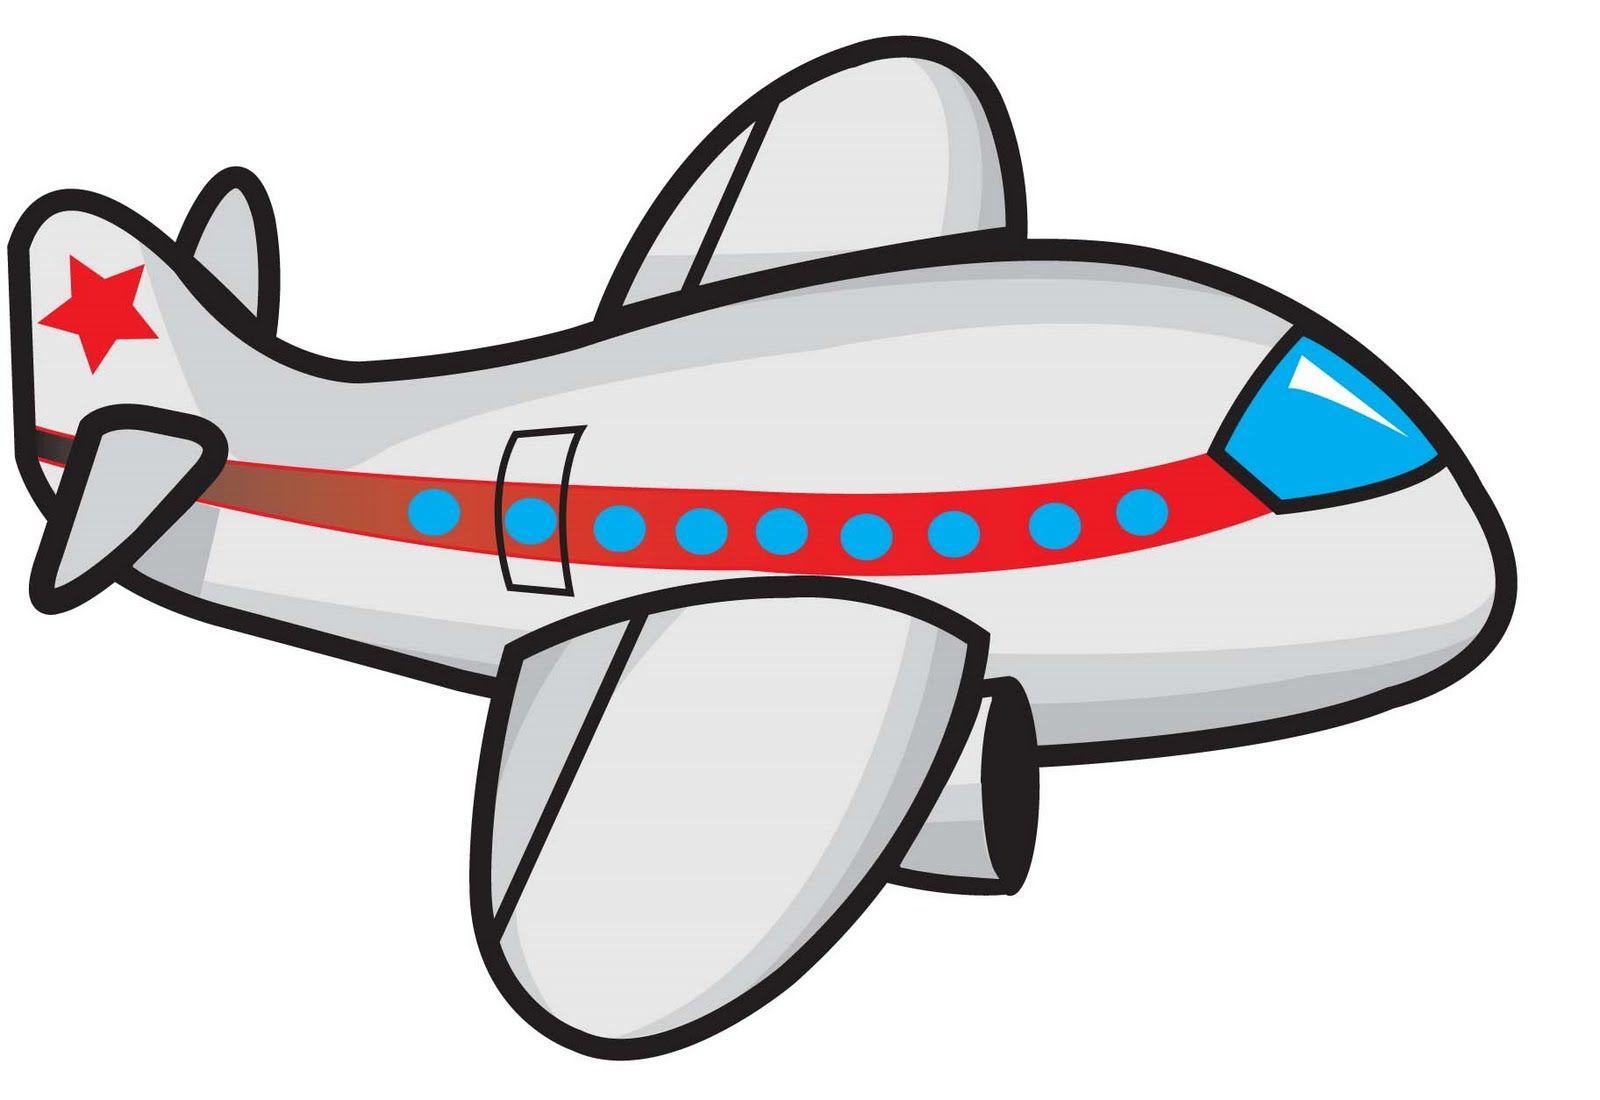 Plane clipart cute.